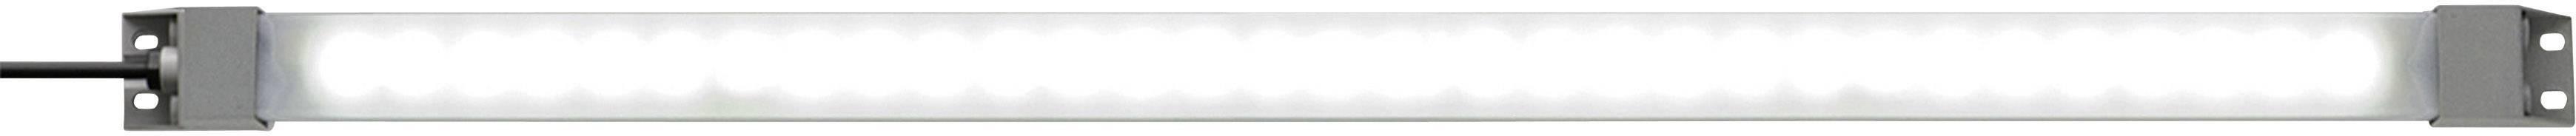 LED osvětlení zařízení LUMIFA Idec LF1B-ND4P-2THWW2-3M, 24 V/DC, bílá